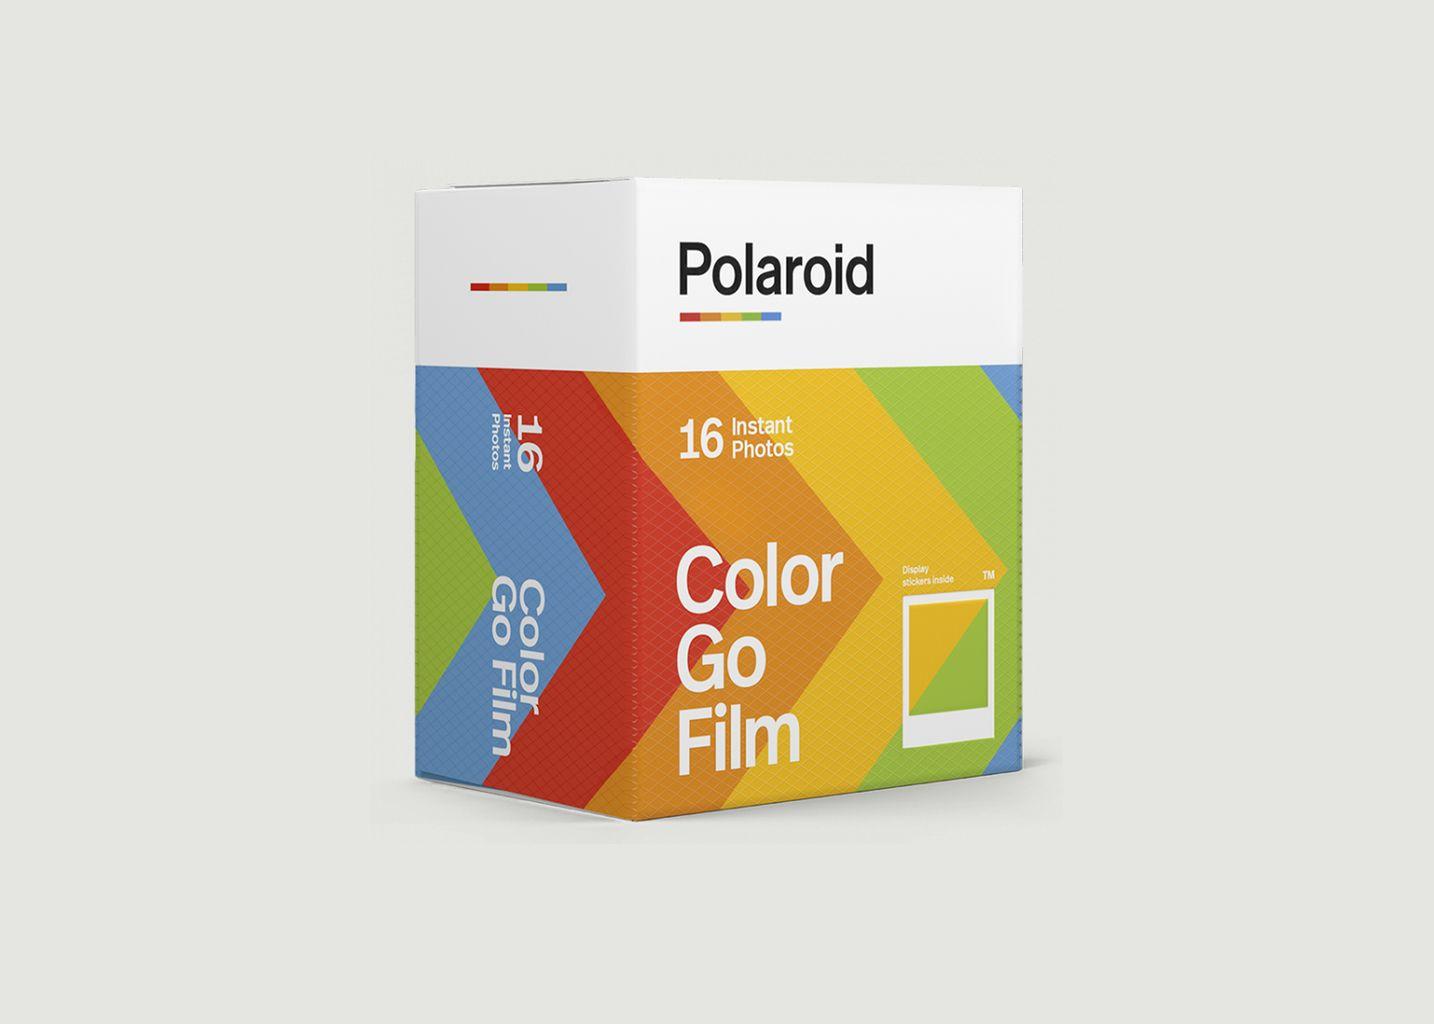 Polaroid Go film – Pellicule couleur instantanée  - Polaroid Originals